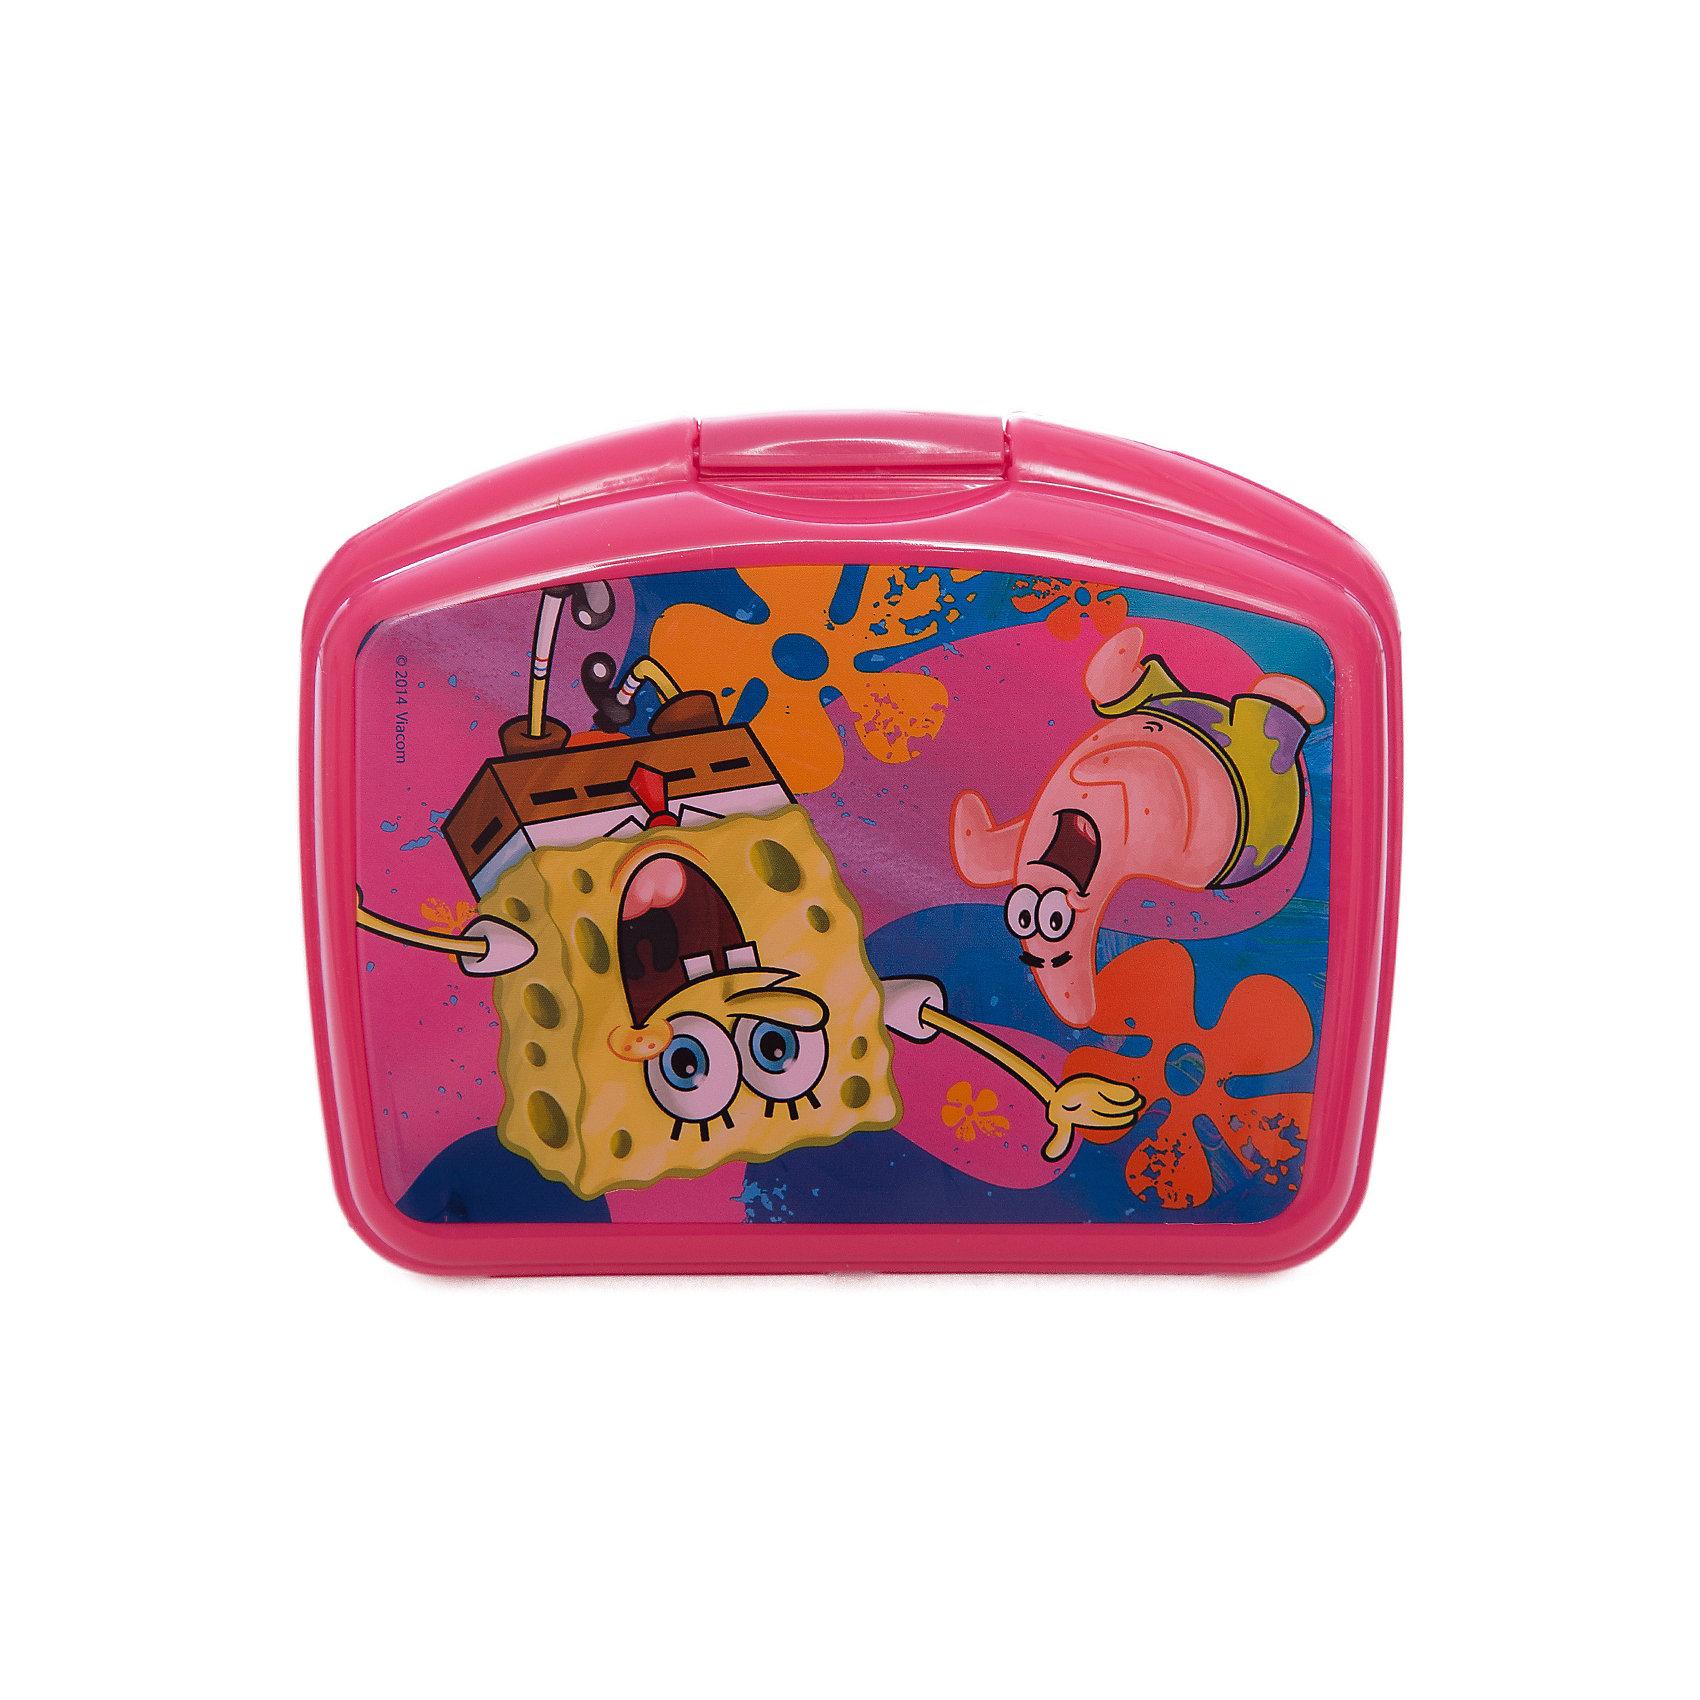 Бутербродница, розовая, Губка БобБутербродница Губка Боб изготовлена из прочного гипоаллергенного пластика абсолютно безопасного для детей. Пластиковая посуда удобна и практична, ее можно брать с собой куда угодно, не беспокоясь о том, что она может разбиться. Яркий дизайн и изображения любимых героев обязательно порадуют вашего ребенка. Бутербродница - идеальный вариант для хранения детских завтраков, она оснащена удобным замком, с которым сможет справиться даже маленький ребенок, а благодаря твердой конструкции пища не помнется и не раскрошится в рюкзаке или сумке. <br><br>Дополнительная информация:<br><br>- Материал: пластик.<br>- Размер: 16х10х6 см.<br>- Удобный замок (с зажимом).<br><br>Розовую бутербродницу, Губка Боб (SpongeBob), можно купить в нашем магазине.<br><br>Ширина мм: 165<br>Глубина мм: 130<br>Высота мм: 55<br>Вес г: 0<br>Возраст от месяцев: 36<br>Возраст до месяцев: 144<br>Пол: Унисекс<br>Возраст: Детский<br>SKU: 4761414